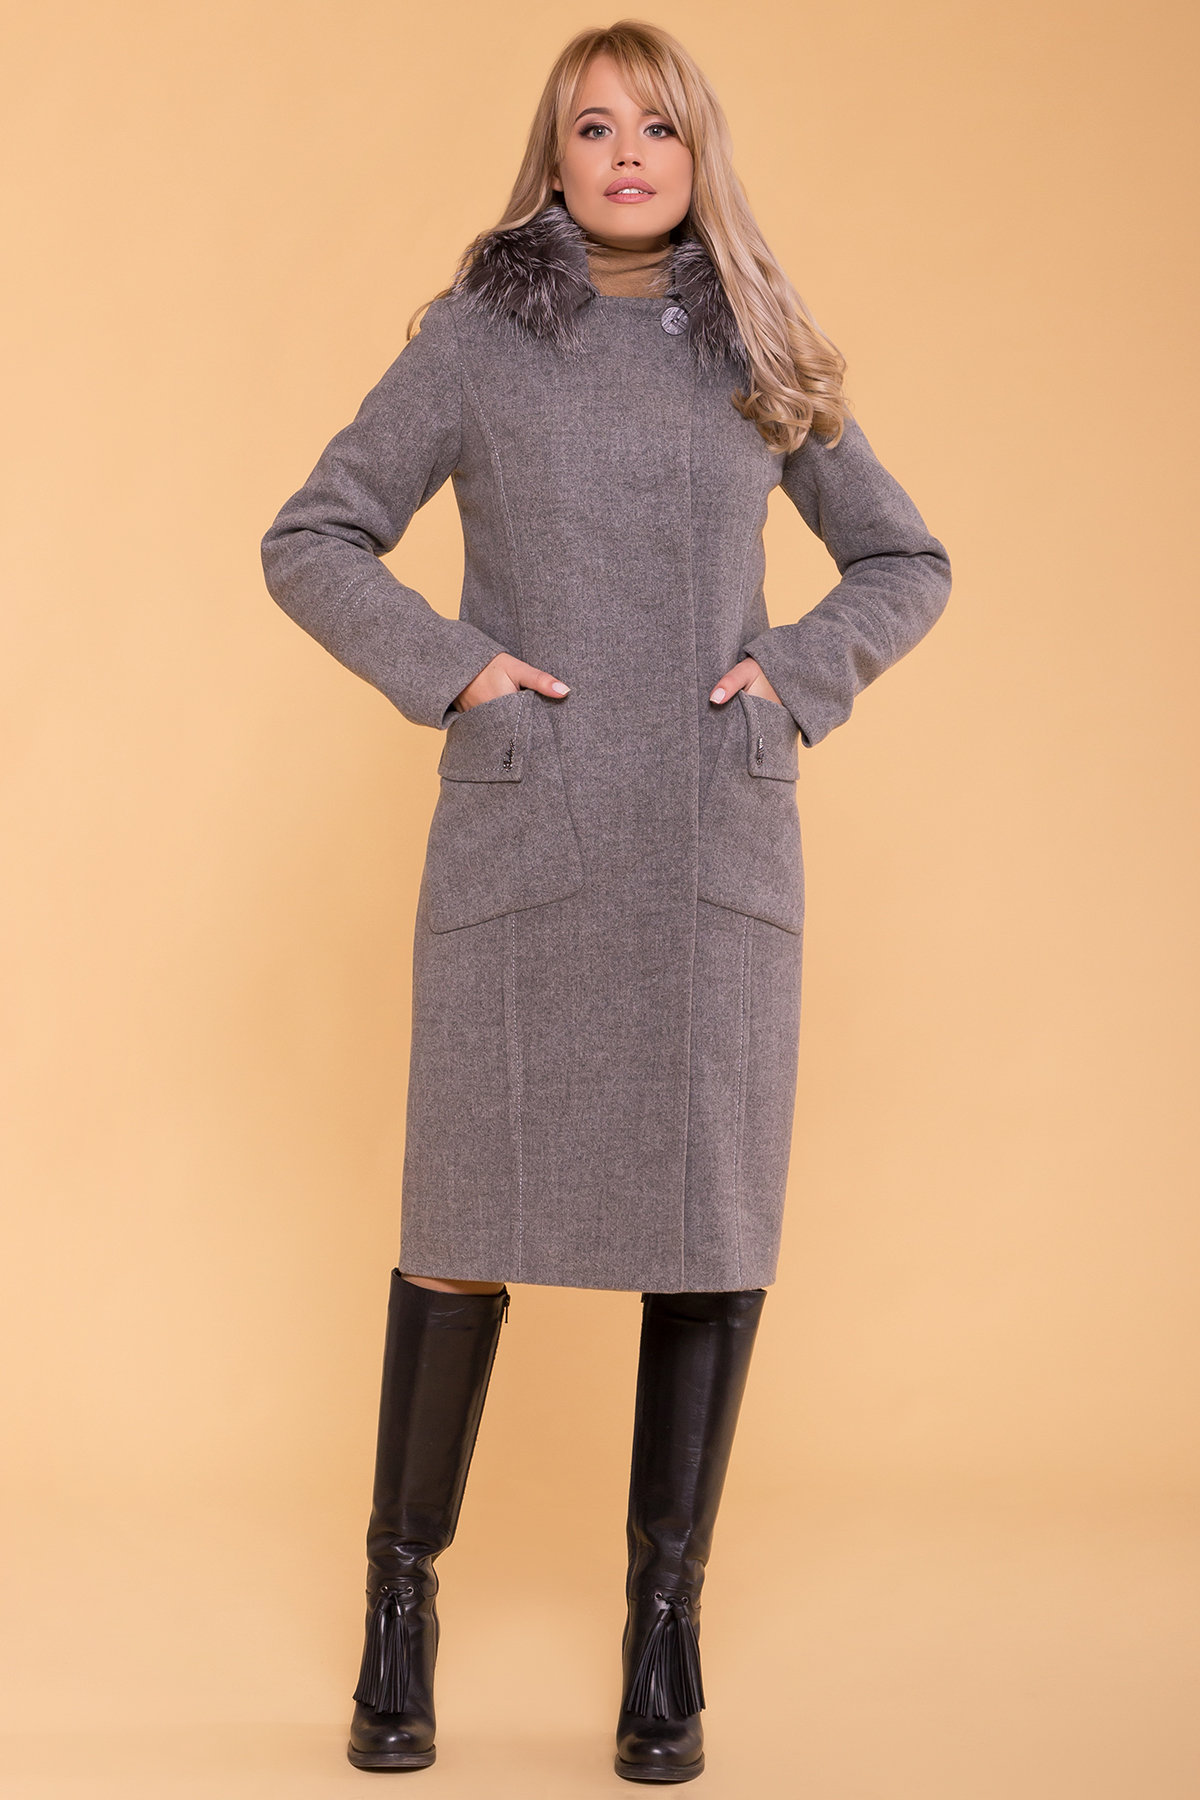 Зимнее пальто с мехом Стейси 5647 АРТ. 37855 Цвет: Серый 18 - фото 7, интернет магазин tm-modus.ru